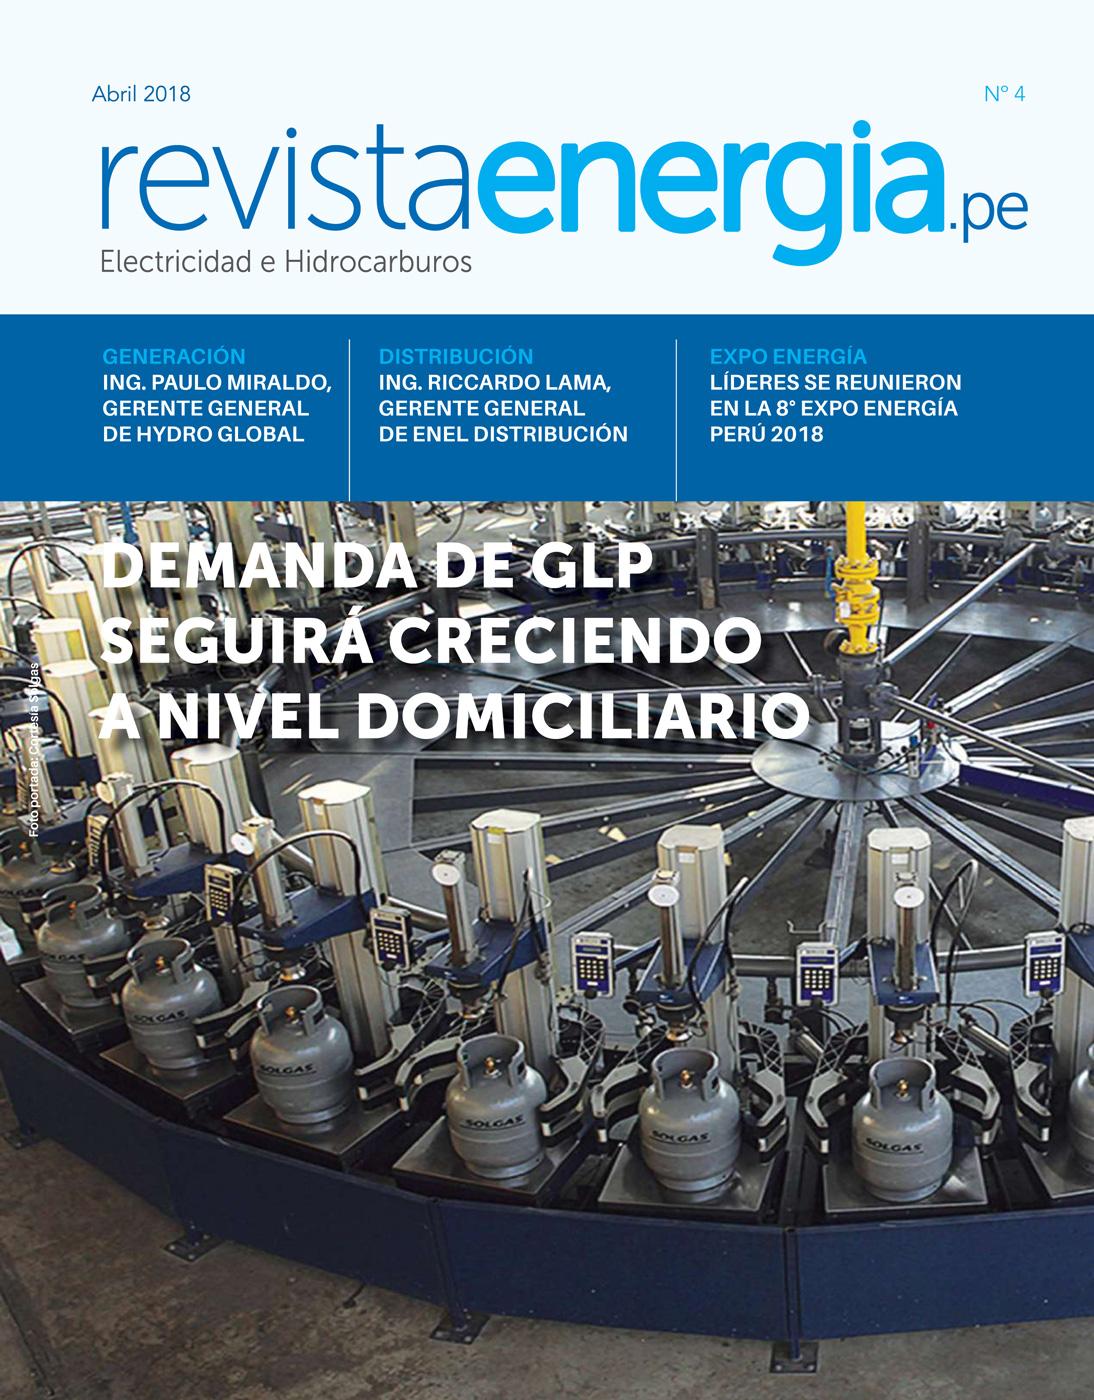 17-APRILE-2018-RIVISTA-ENERGIA-PERU-COPERTINA